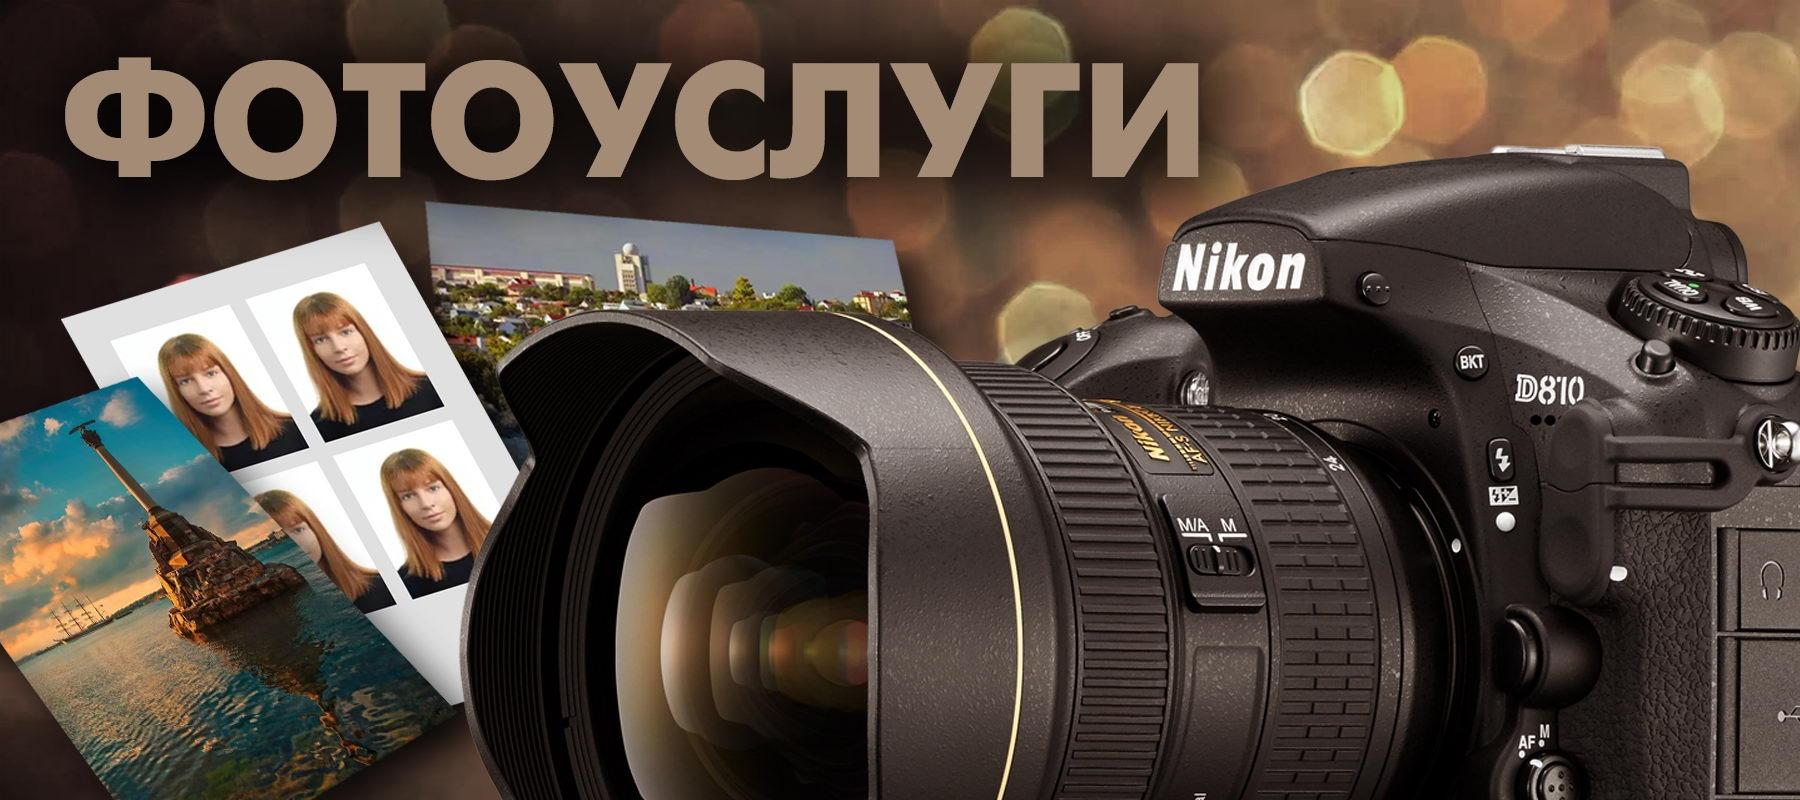 где дать рекламу фотографу дворжецкий, фото